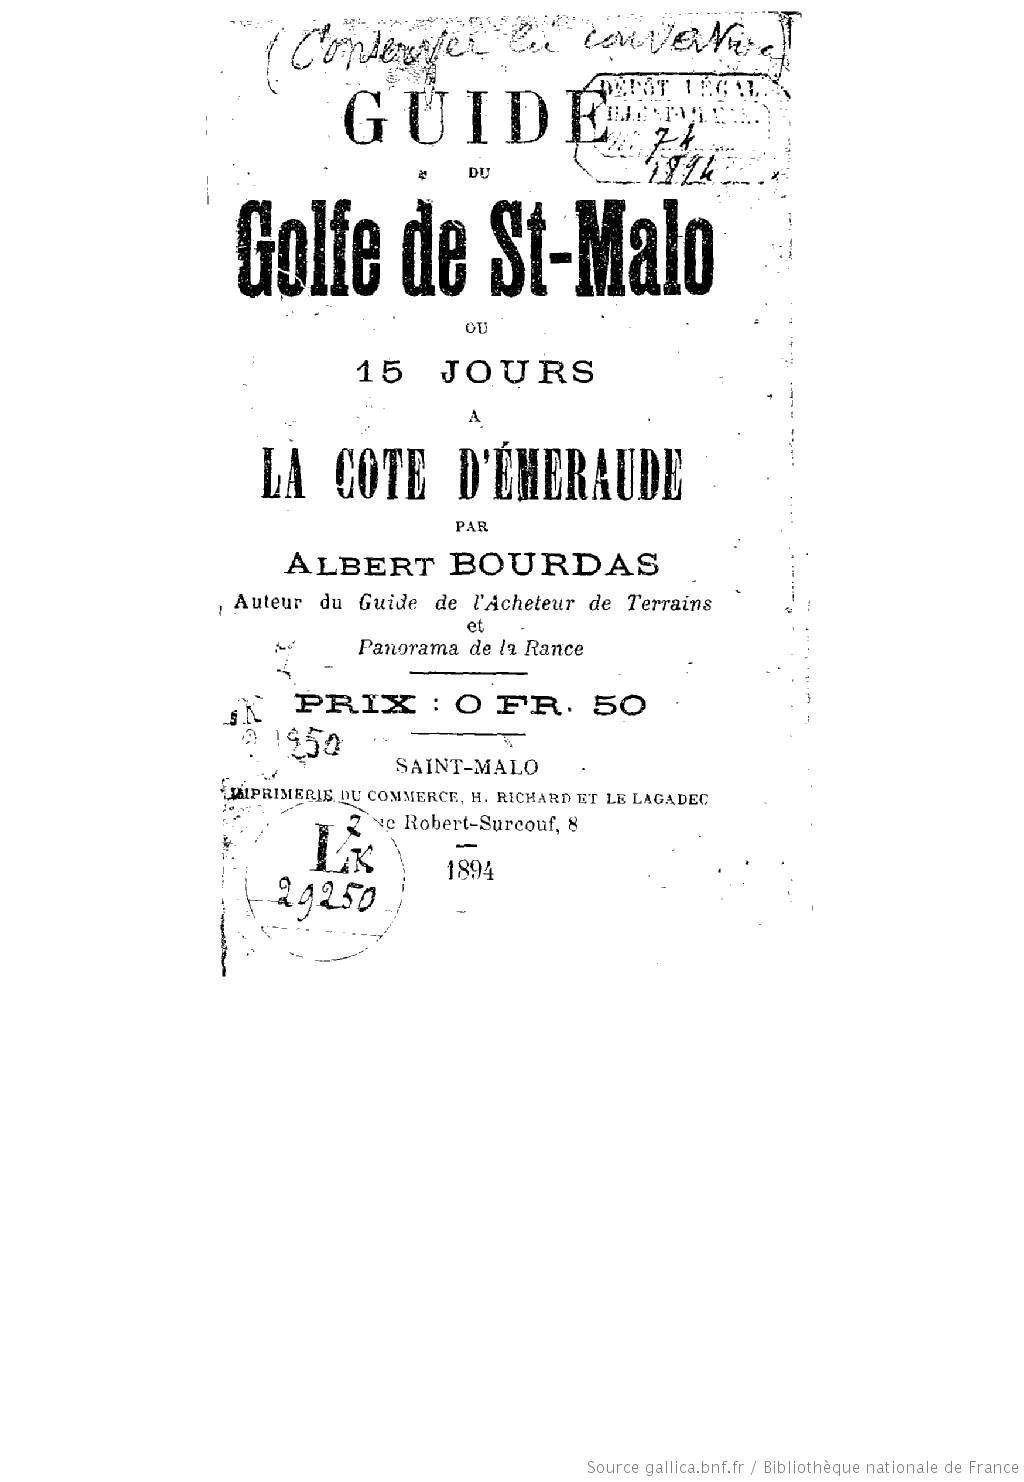 Guide du golfe de Saint-Malo, ou 15 jours à la côte d'émeraude / par Albert Bourdas,... | Bourdas Albert